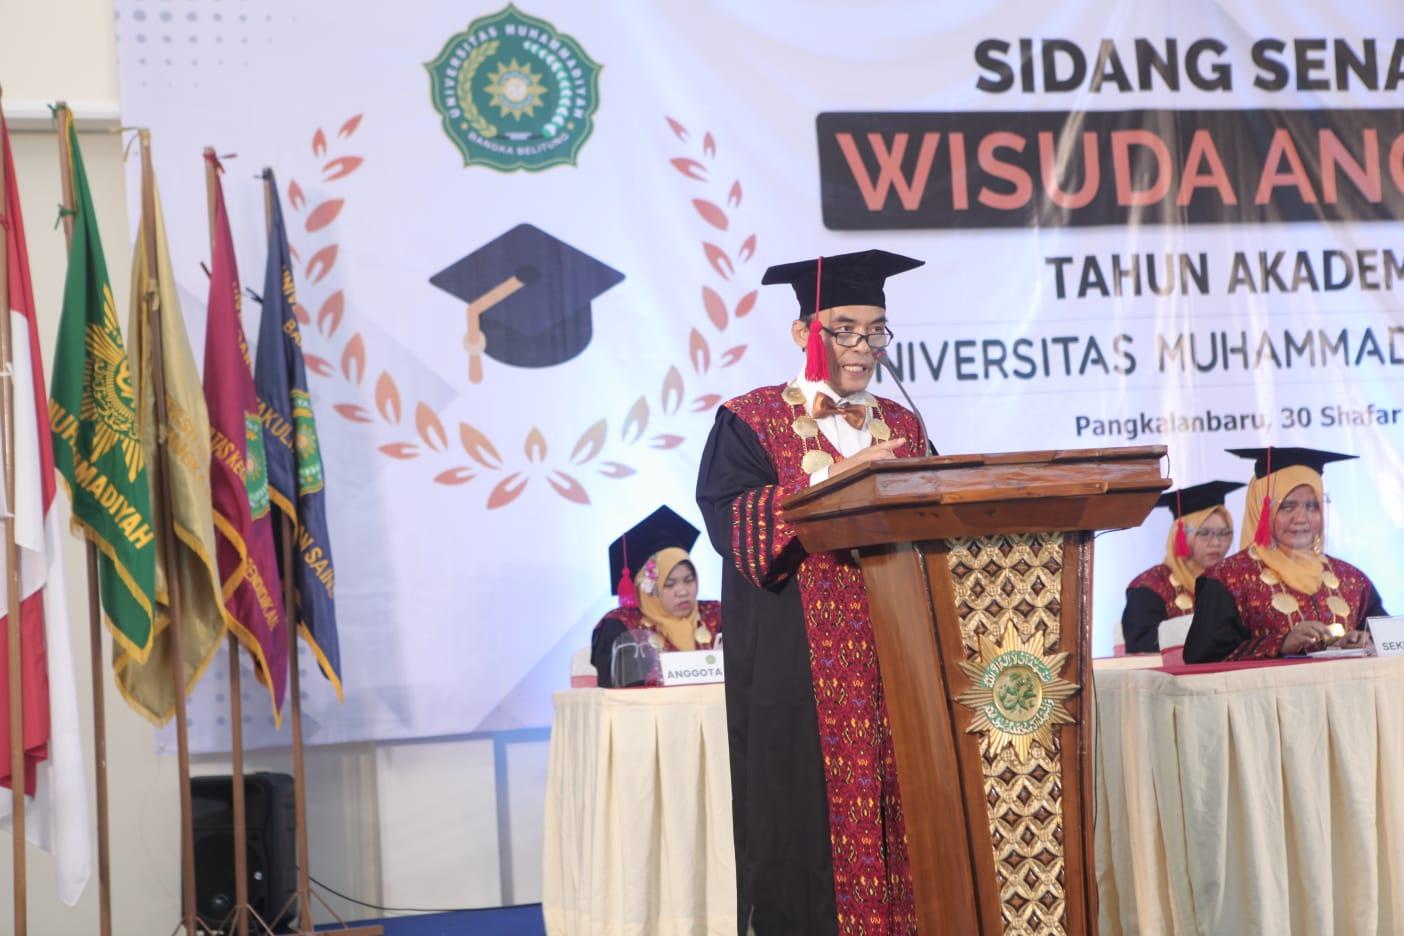 Fadillah Sabri, Rektor Unmuh Babel-UNIVERSITAS Muhammadiyah (Unmuh) Bangka Belitung resmi melakukan wisuda kepada 101 mahasiswa di Kampus Unmuh Babel, Kamis (7/10)